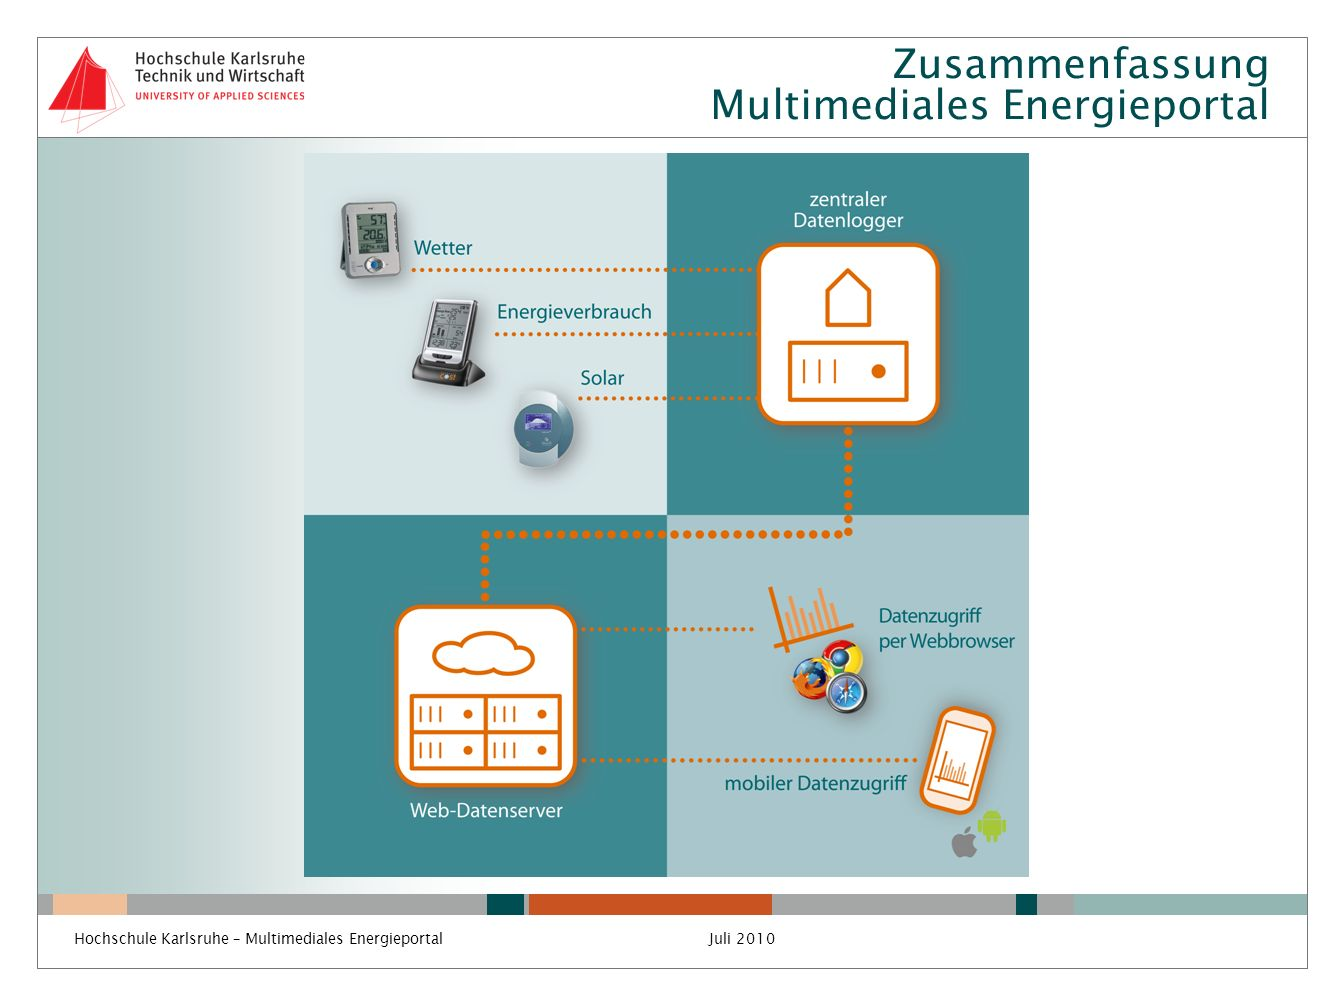 Zusammenfassung Multimediales Energieportal